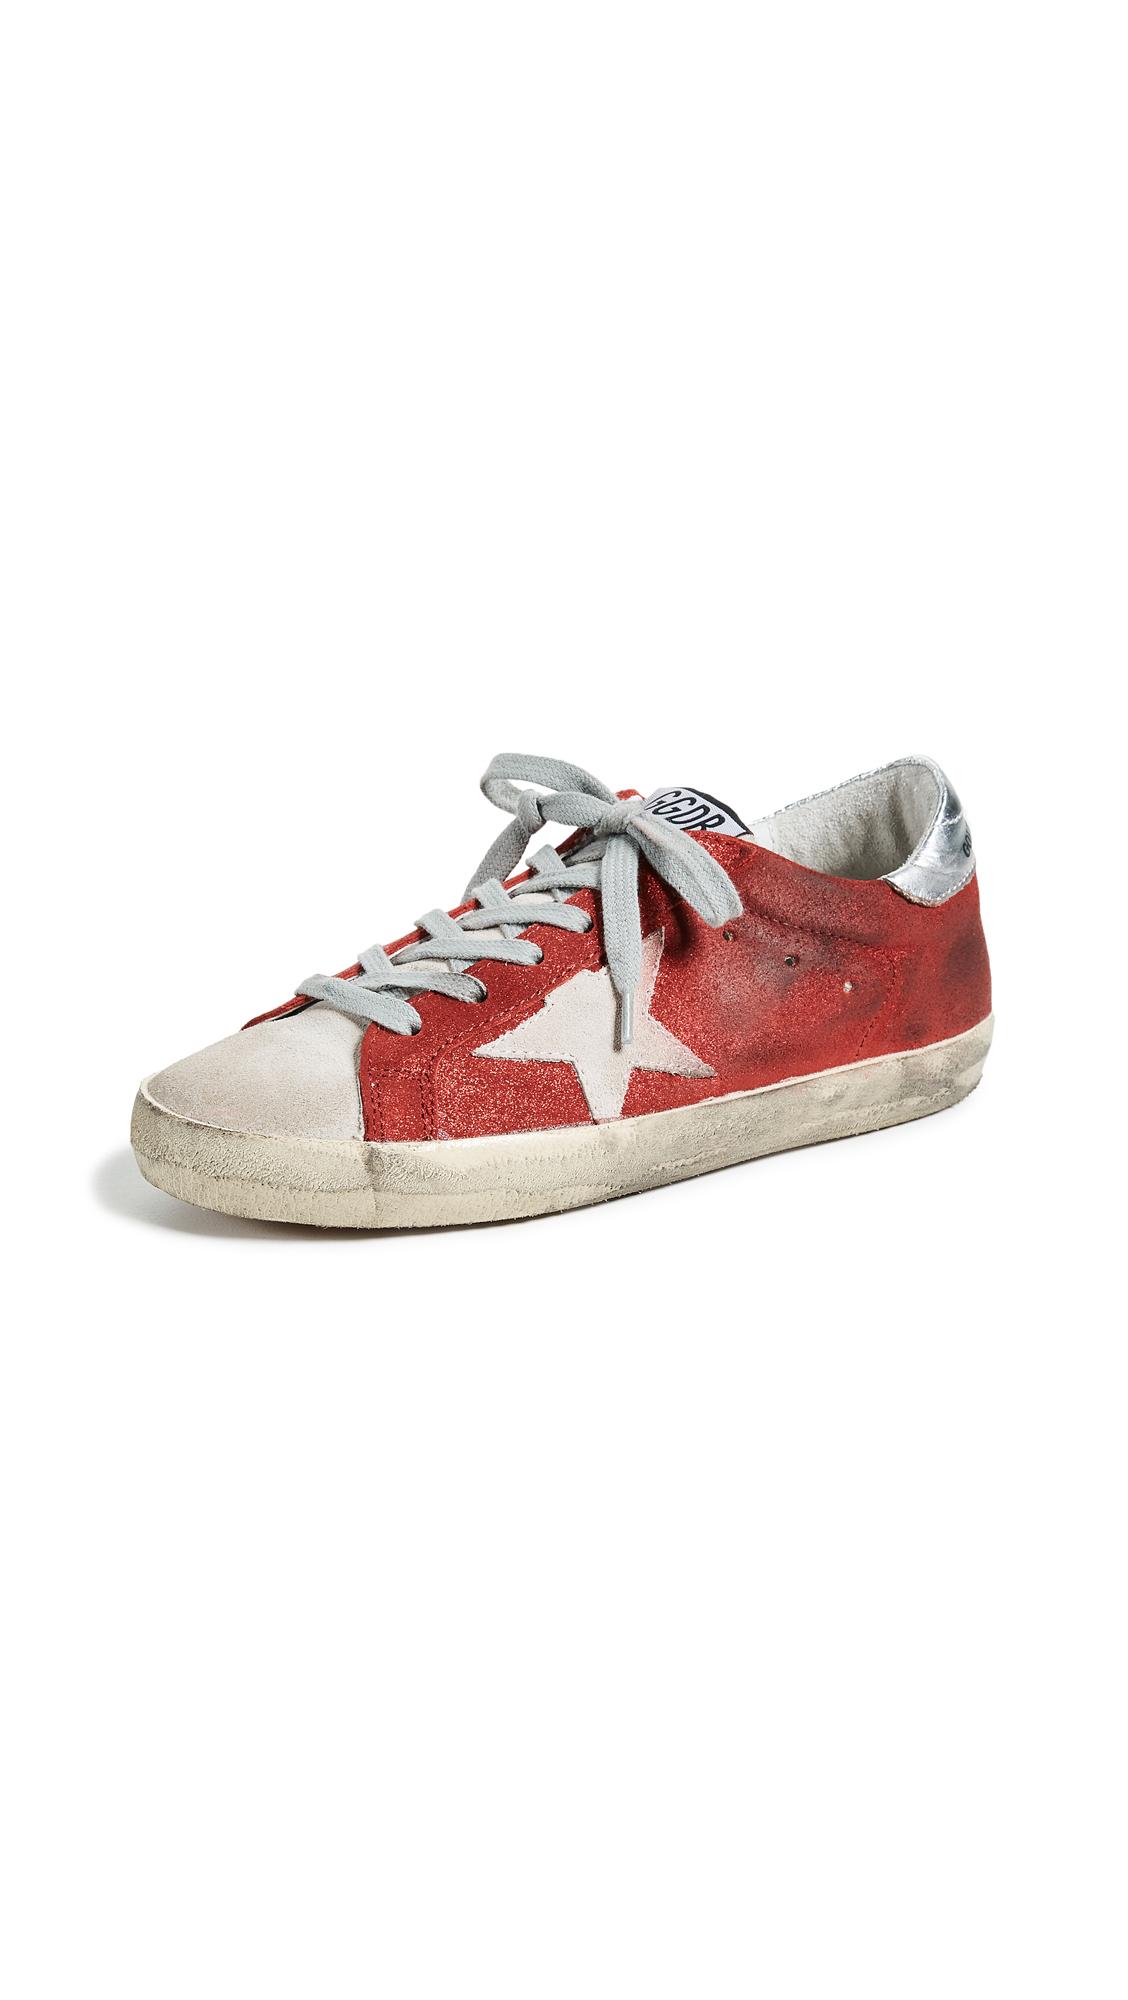 Golden Goose Superstar Sneakers - Red/Sand